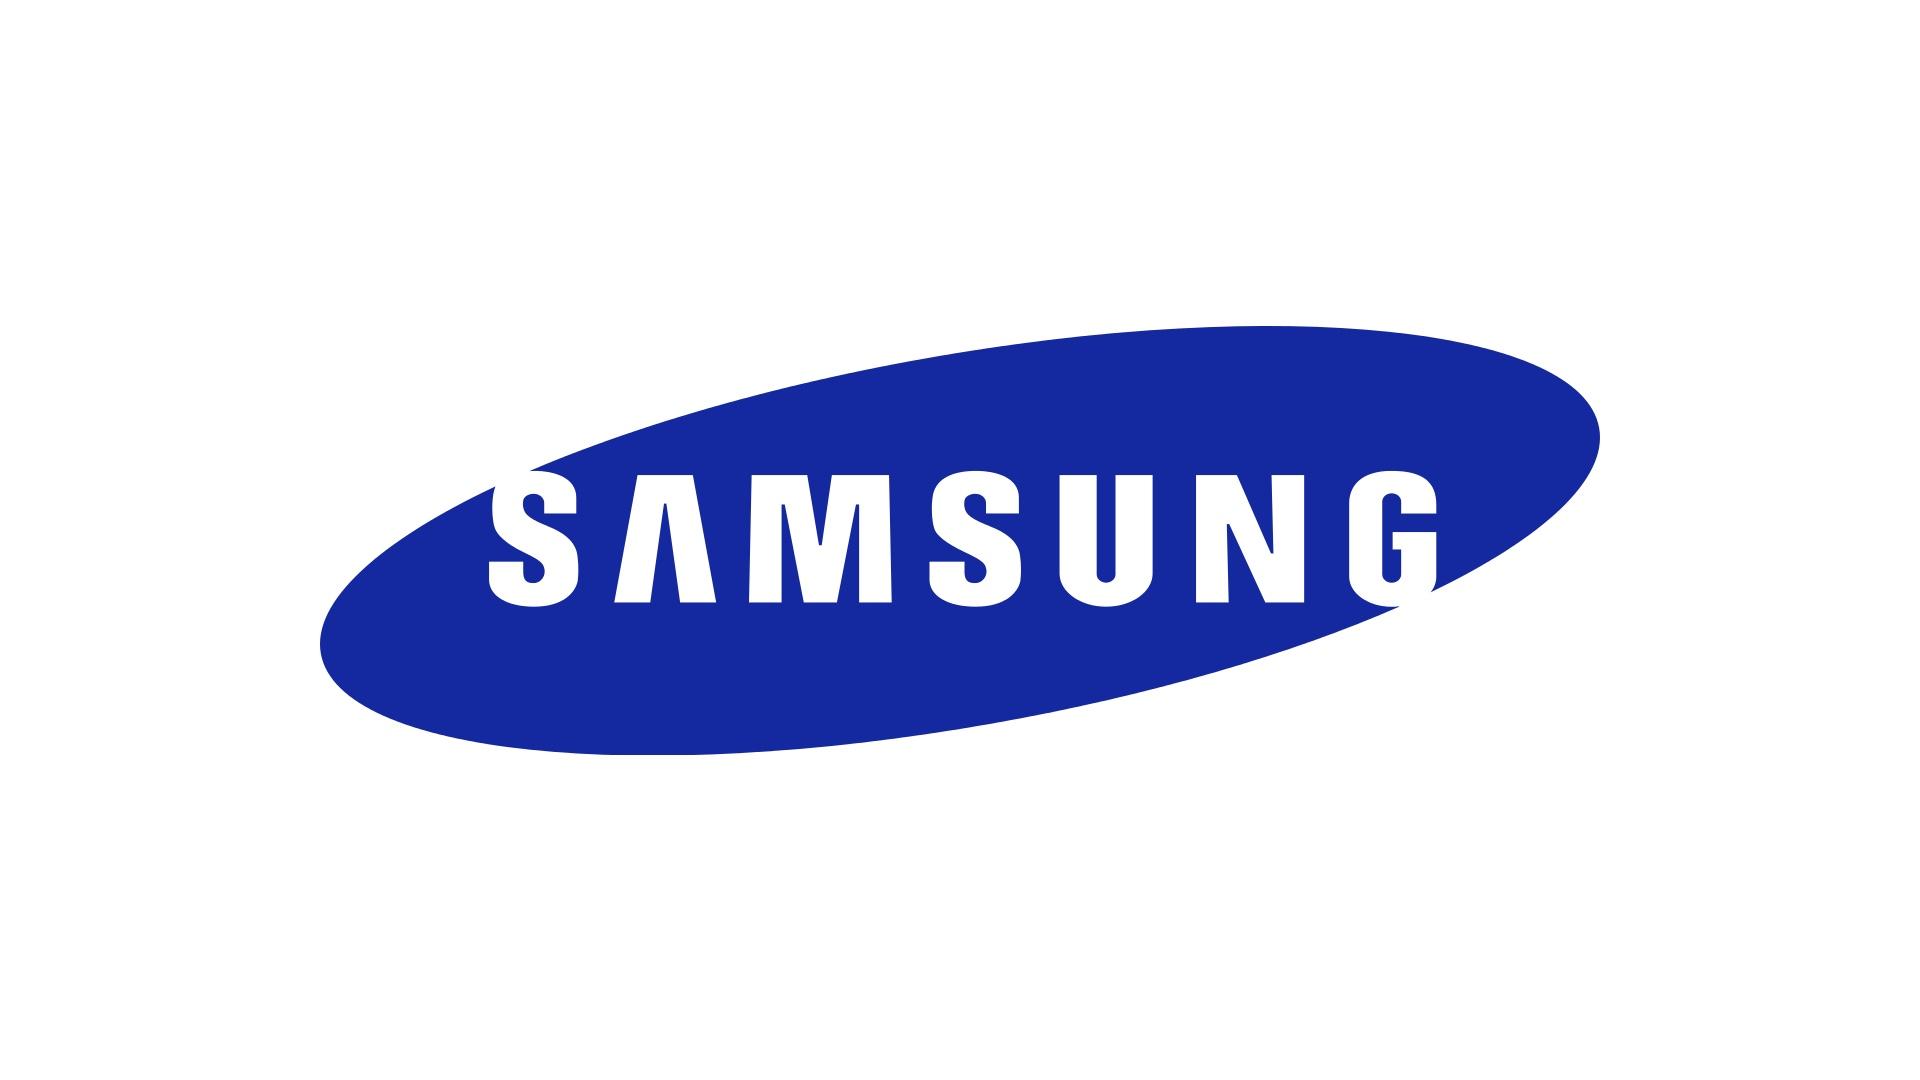 Міжнародний олімпійський комітет і Samsung продовжили партнерство до 2028 року